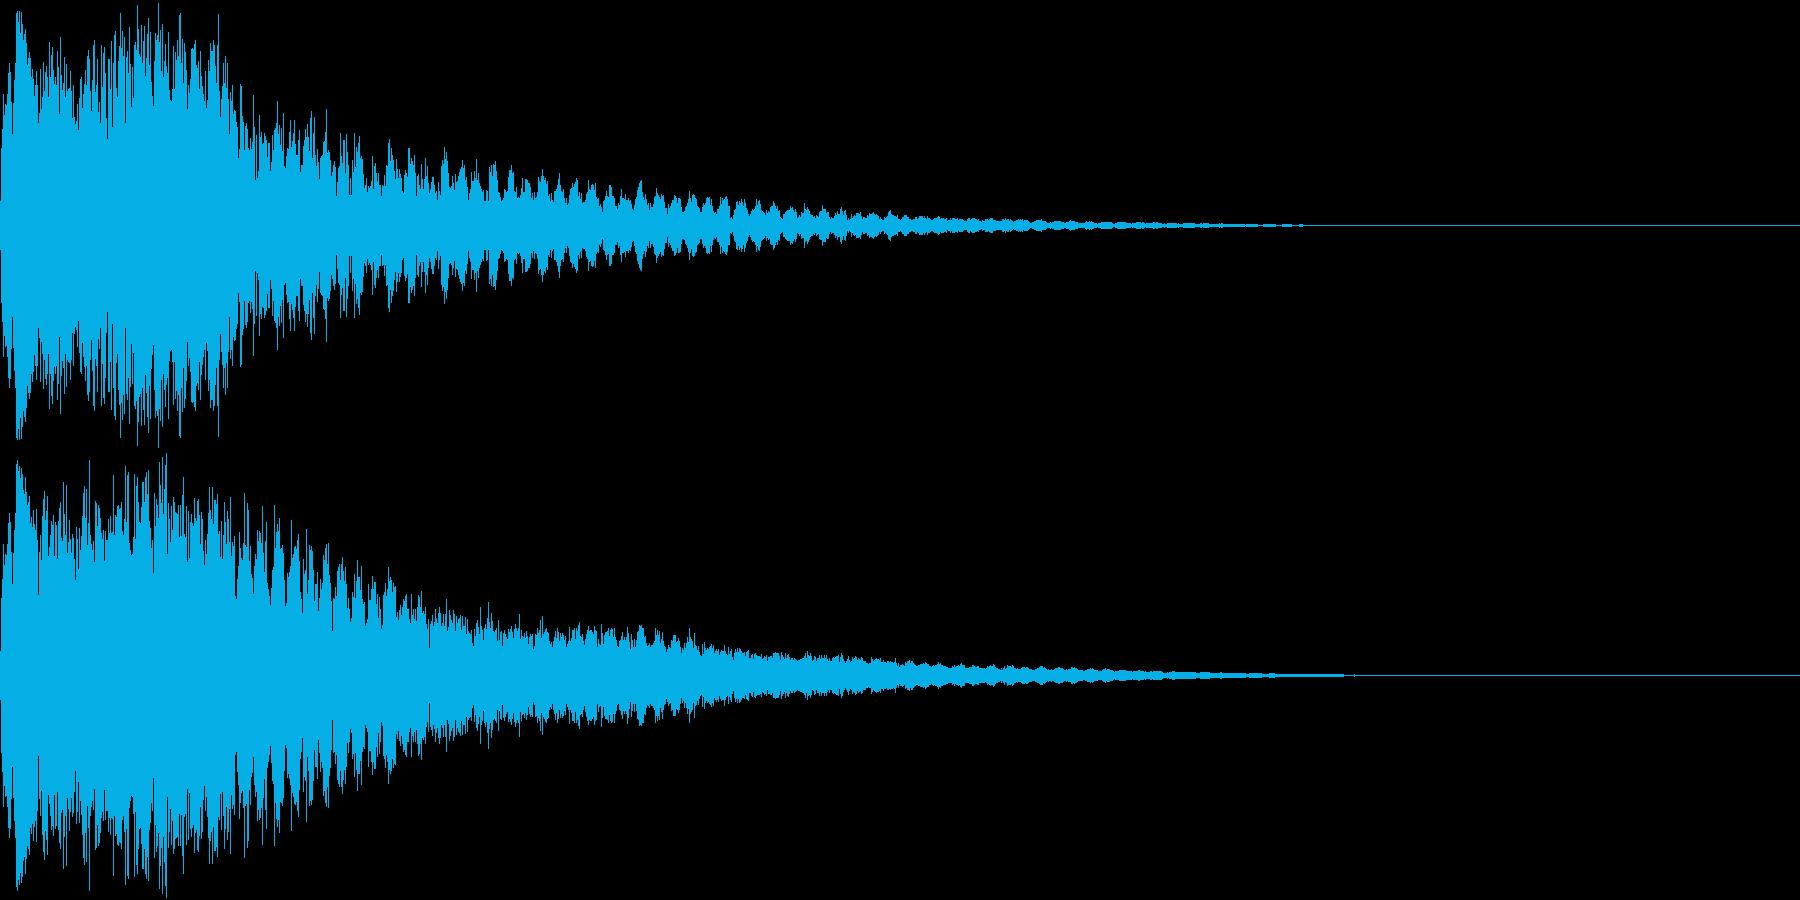 キュイン キュイーン キラリン ピカンの再生済みの波形